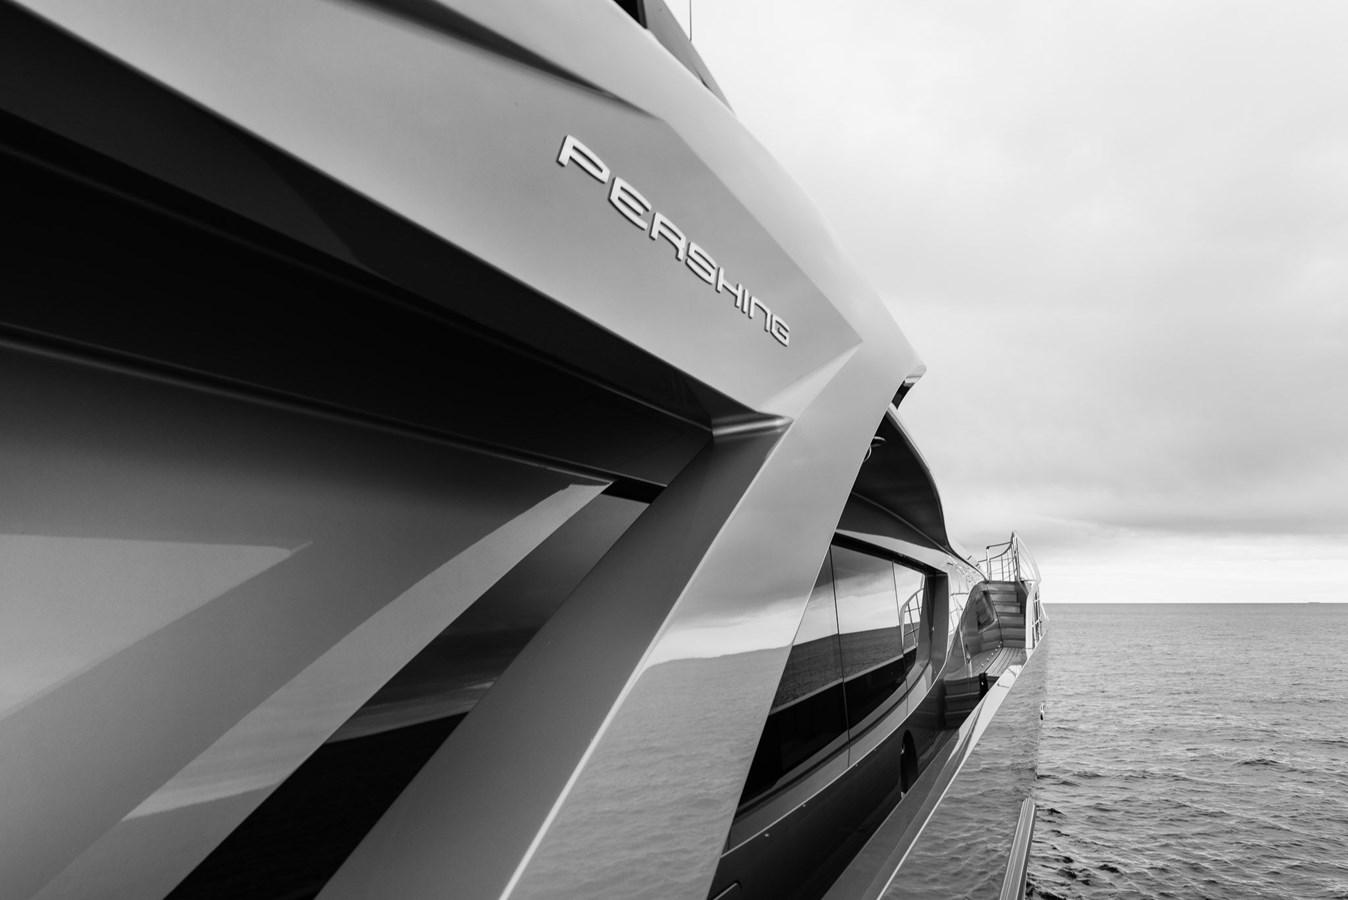 Pershing140NewCruising_0009_39977 2020 PERSHING 140 Mega Yacht 2831594